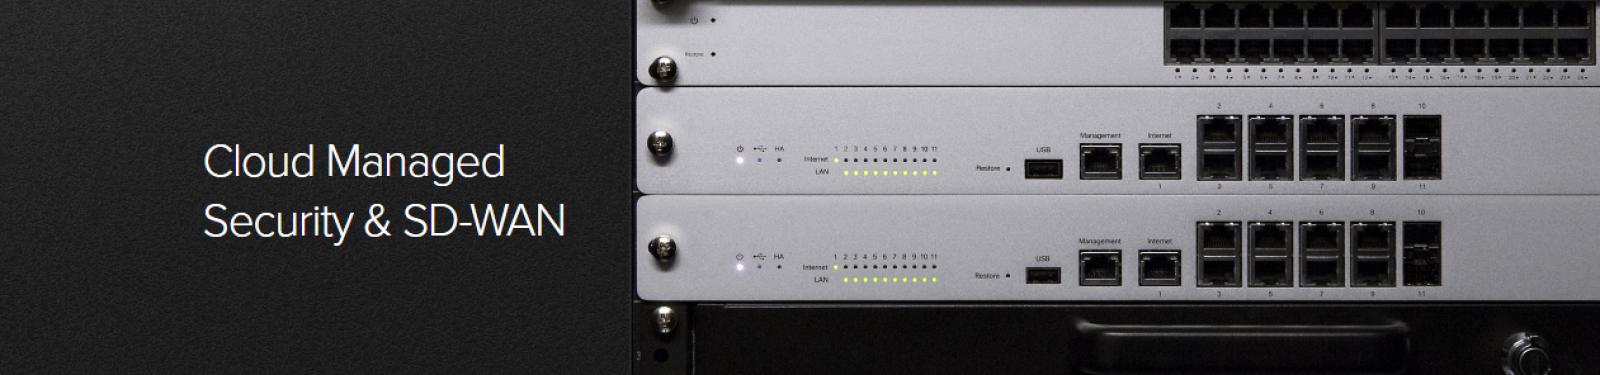 Cisco meraki security dubai